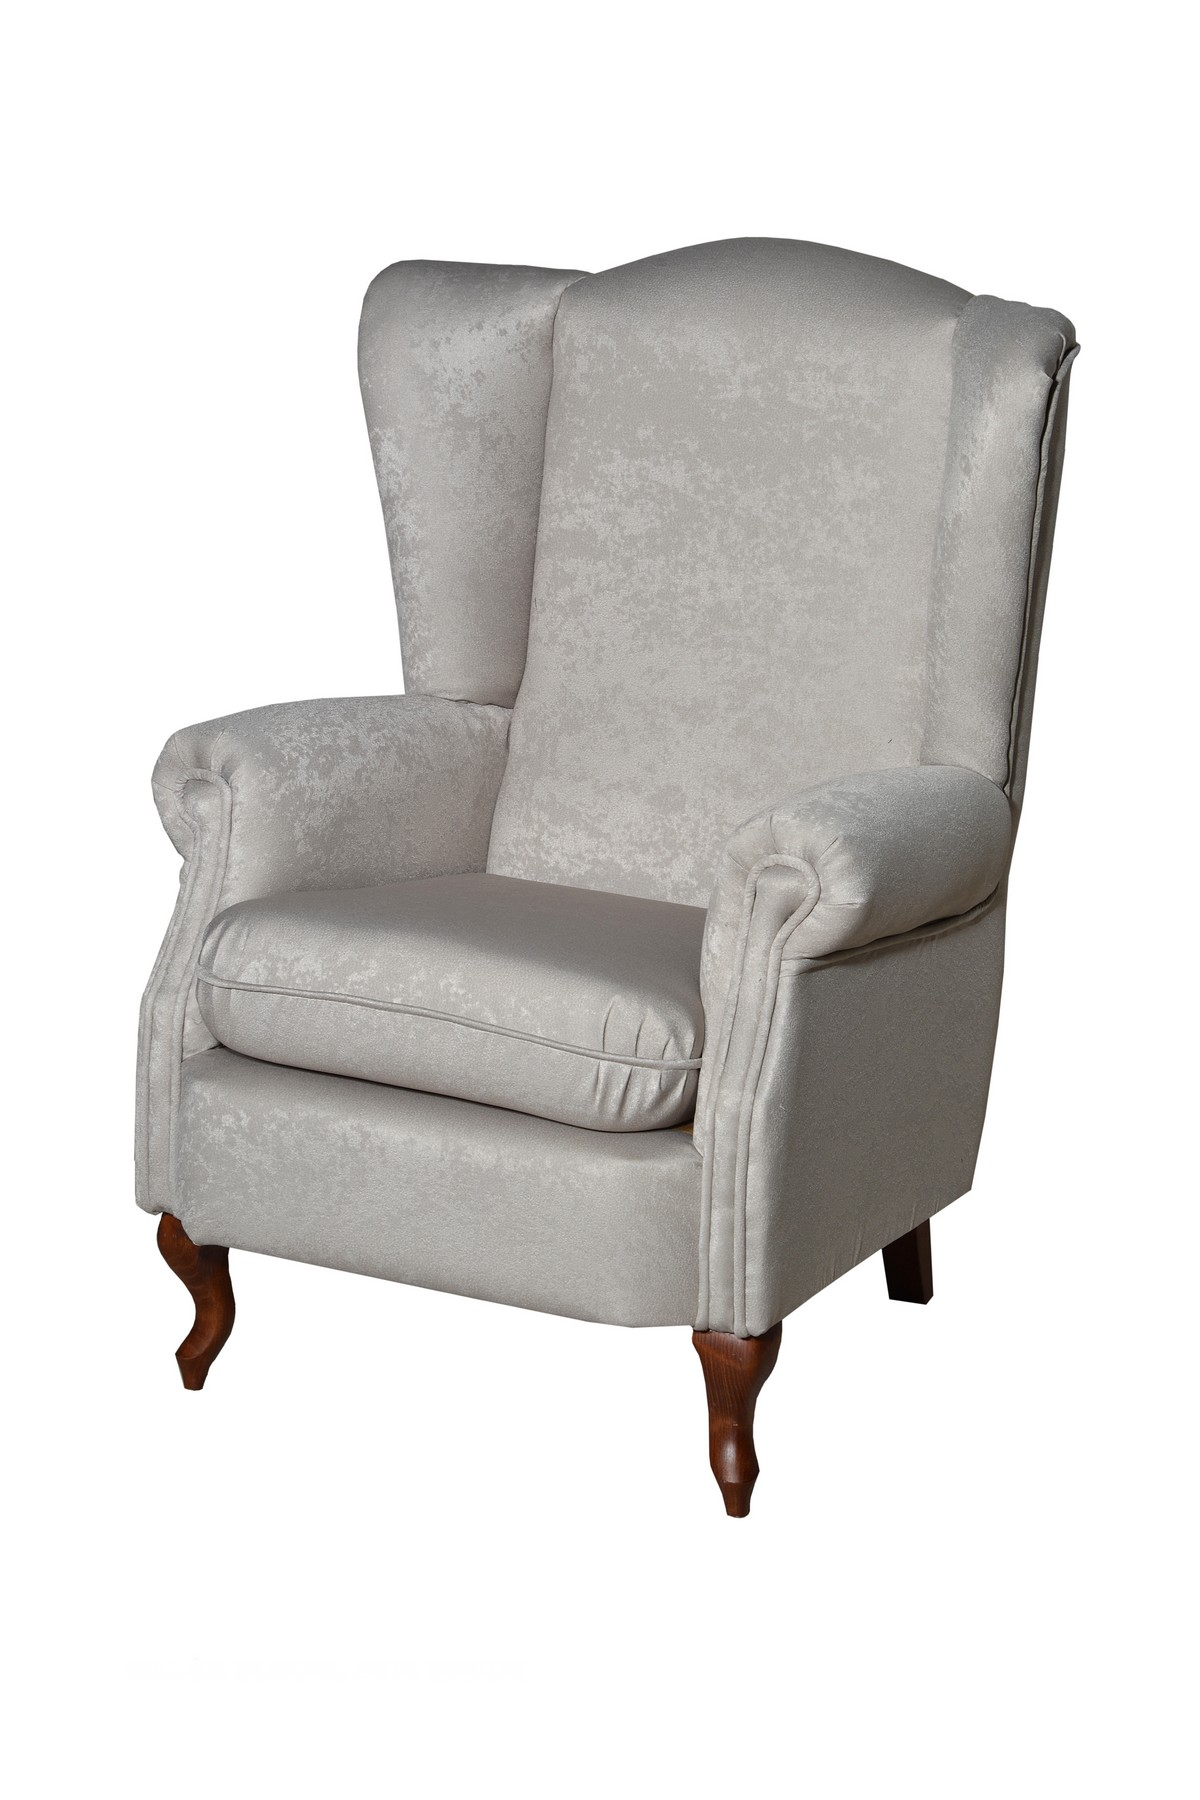 Butaca para camilla en línea clásica con posibilidad de sofá 3 o 2 plazas y adaptarlo a tus necesidades. Tapicería a elegir. Pata de madera curva.